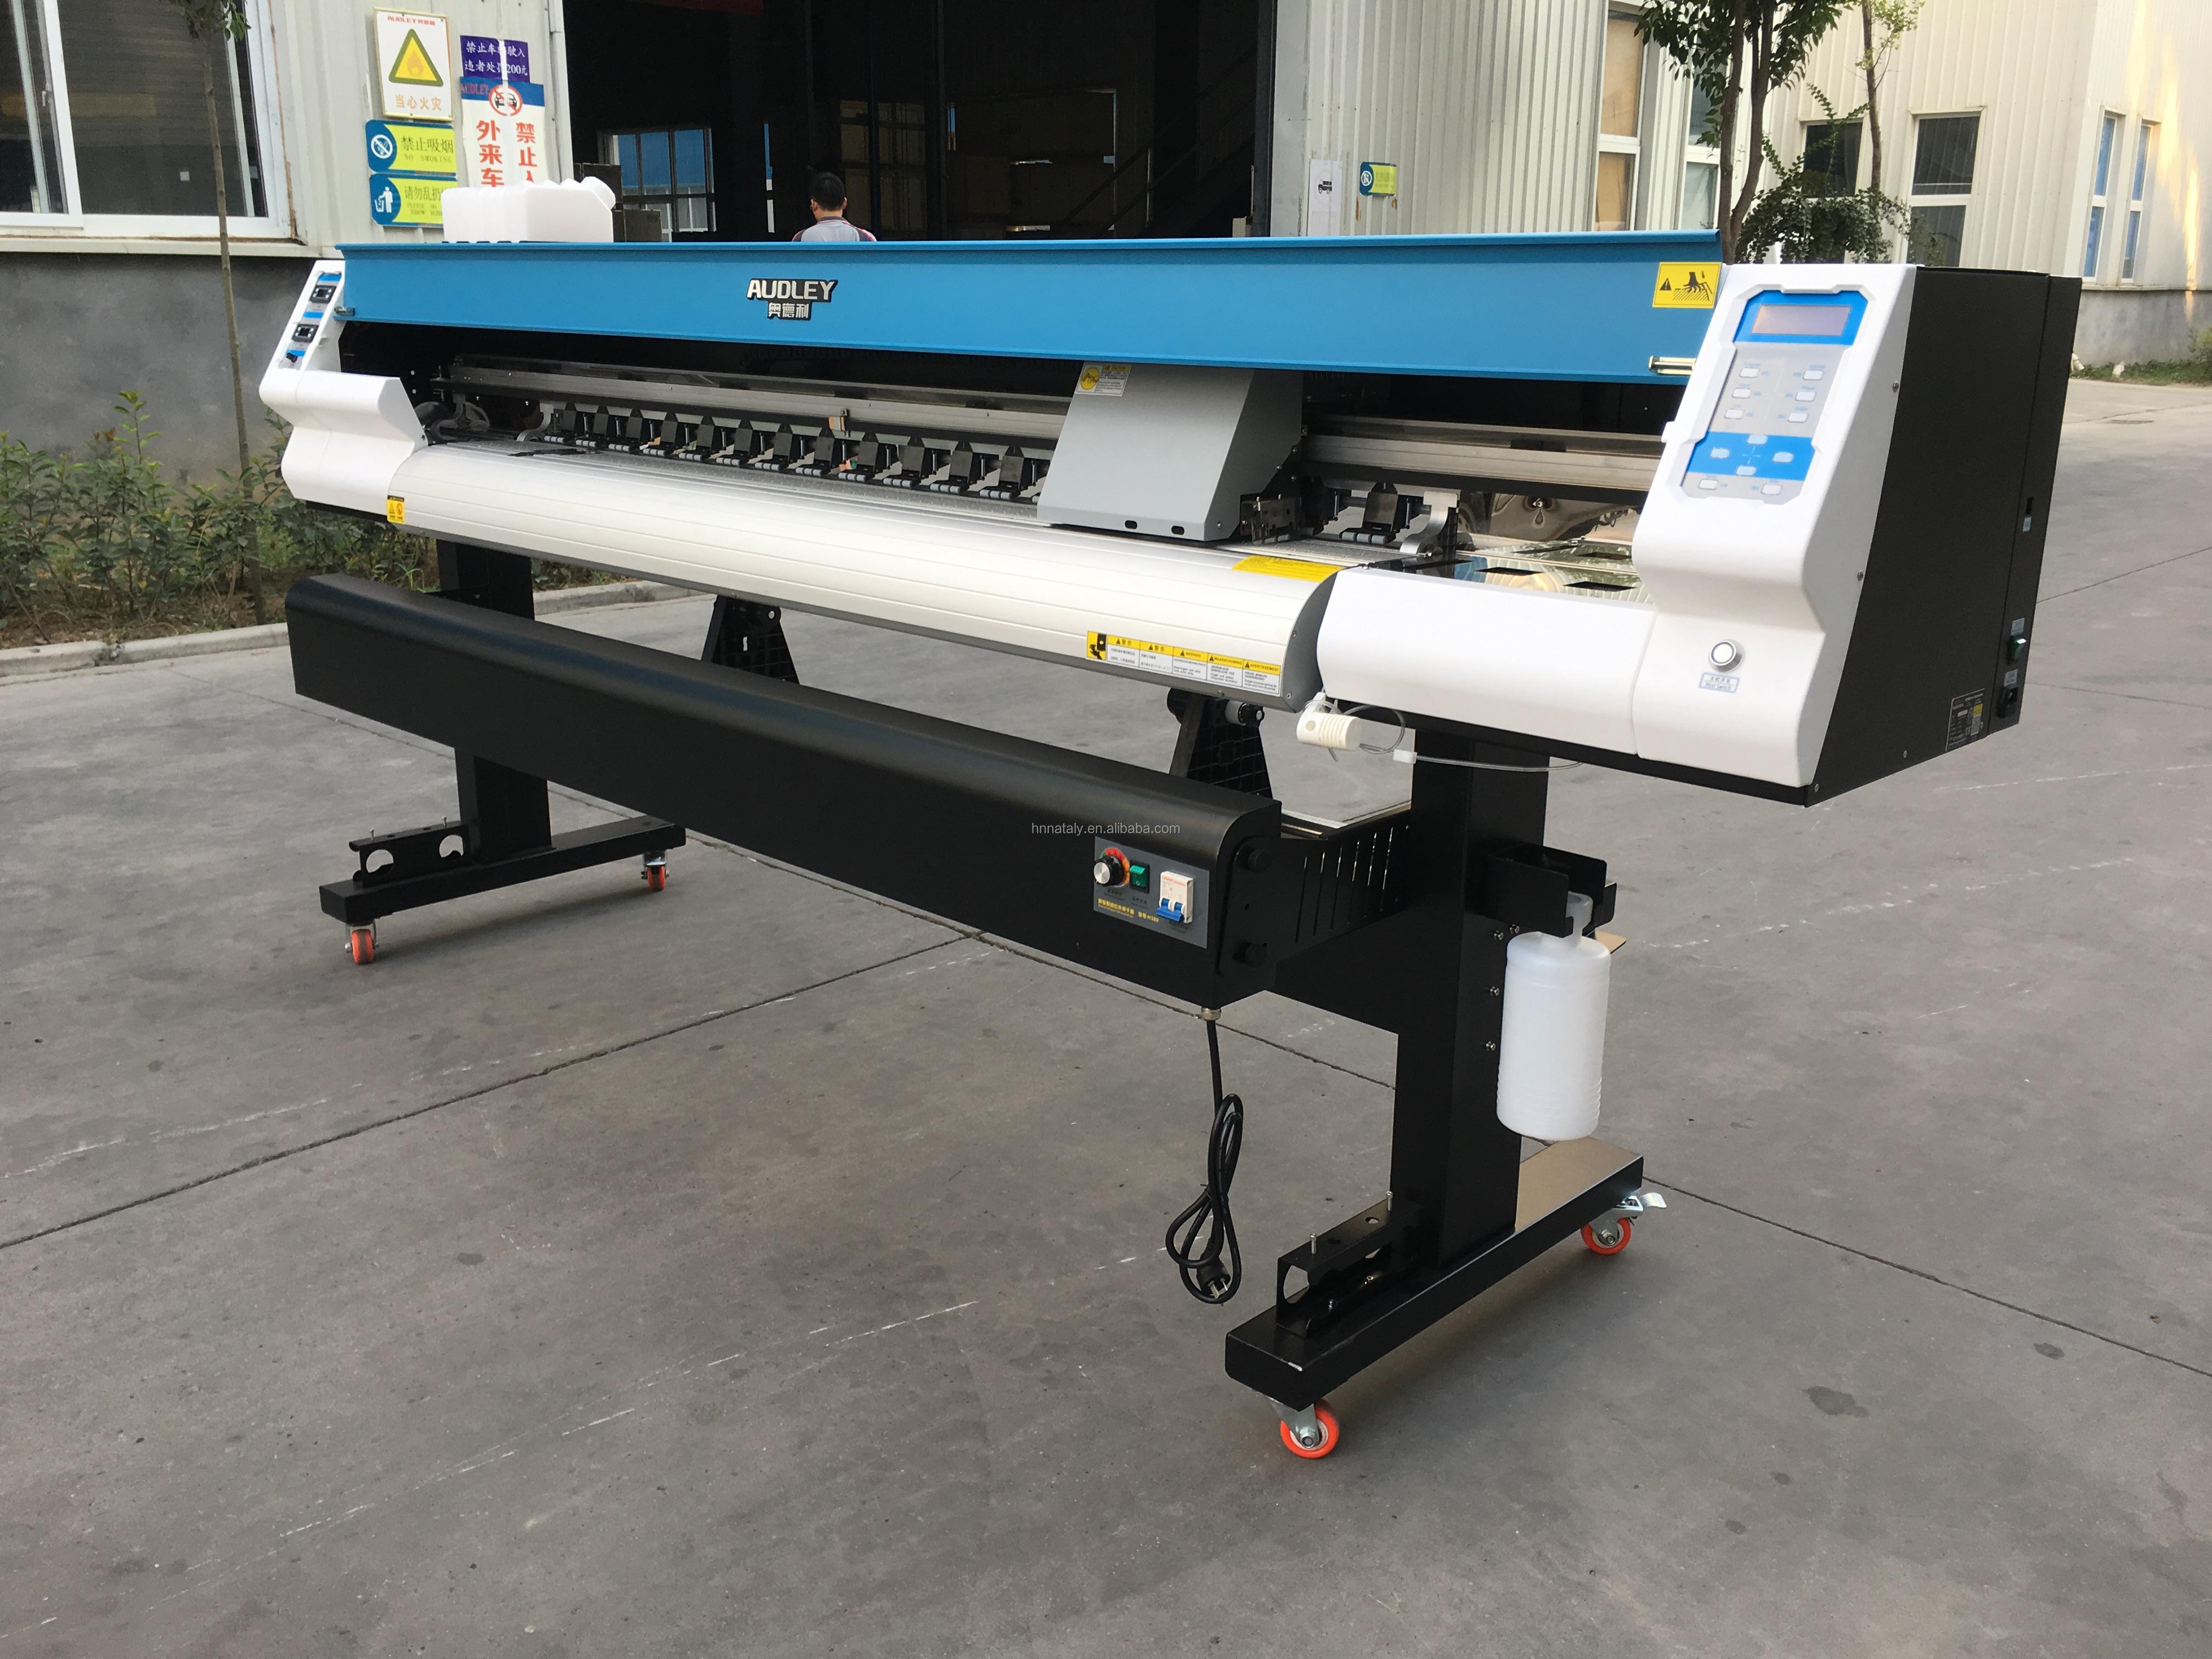 Большой формат 1 8 м 4 цвета баннер автомобиля стикер эко растворитель принтер 4 colors eco solvent printer.JPG